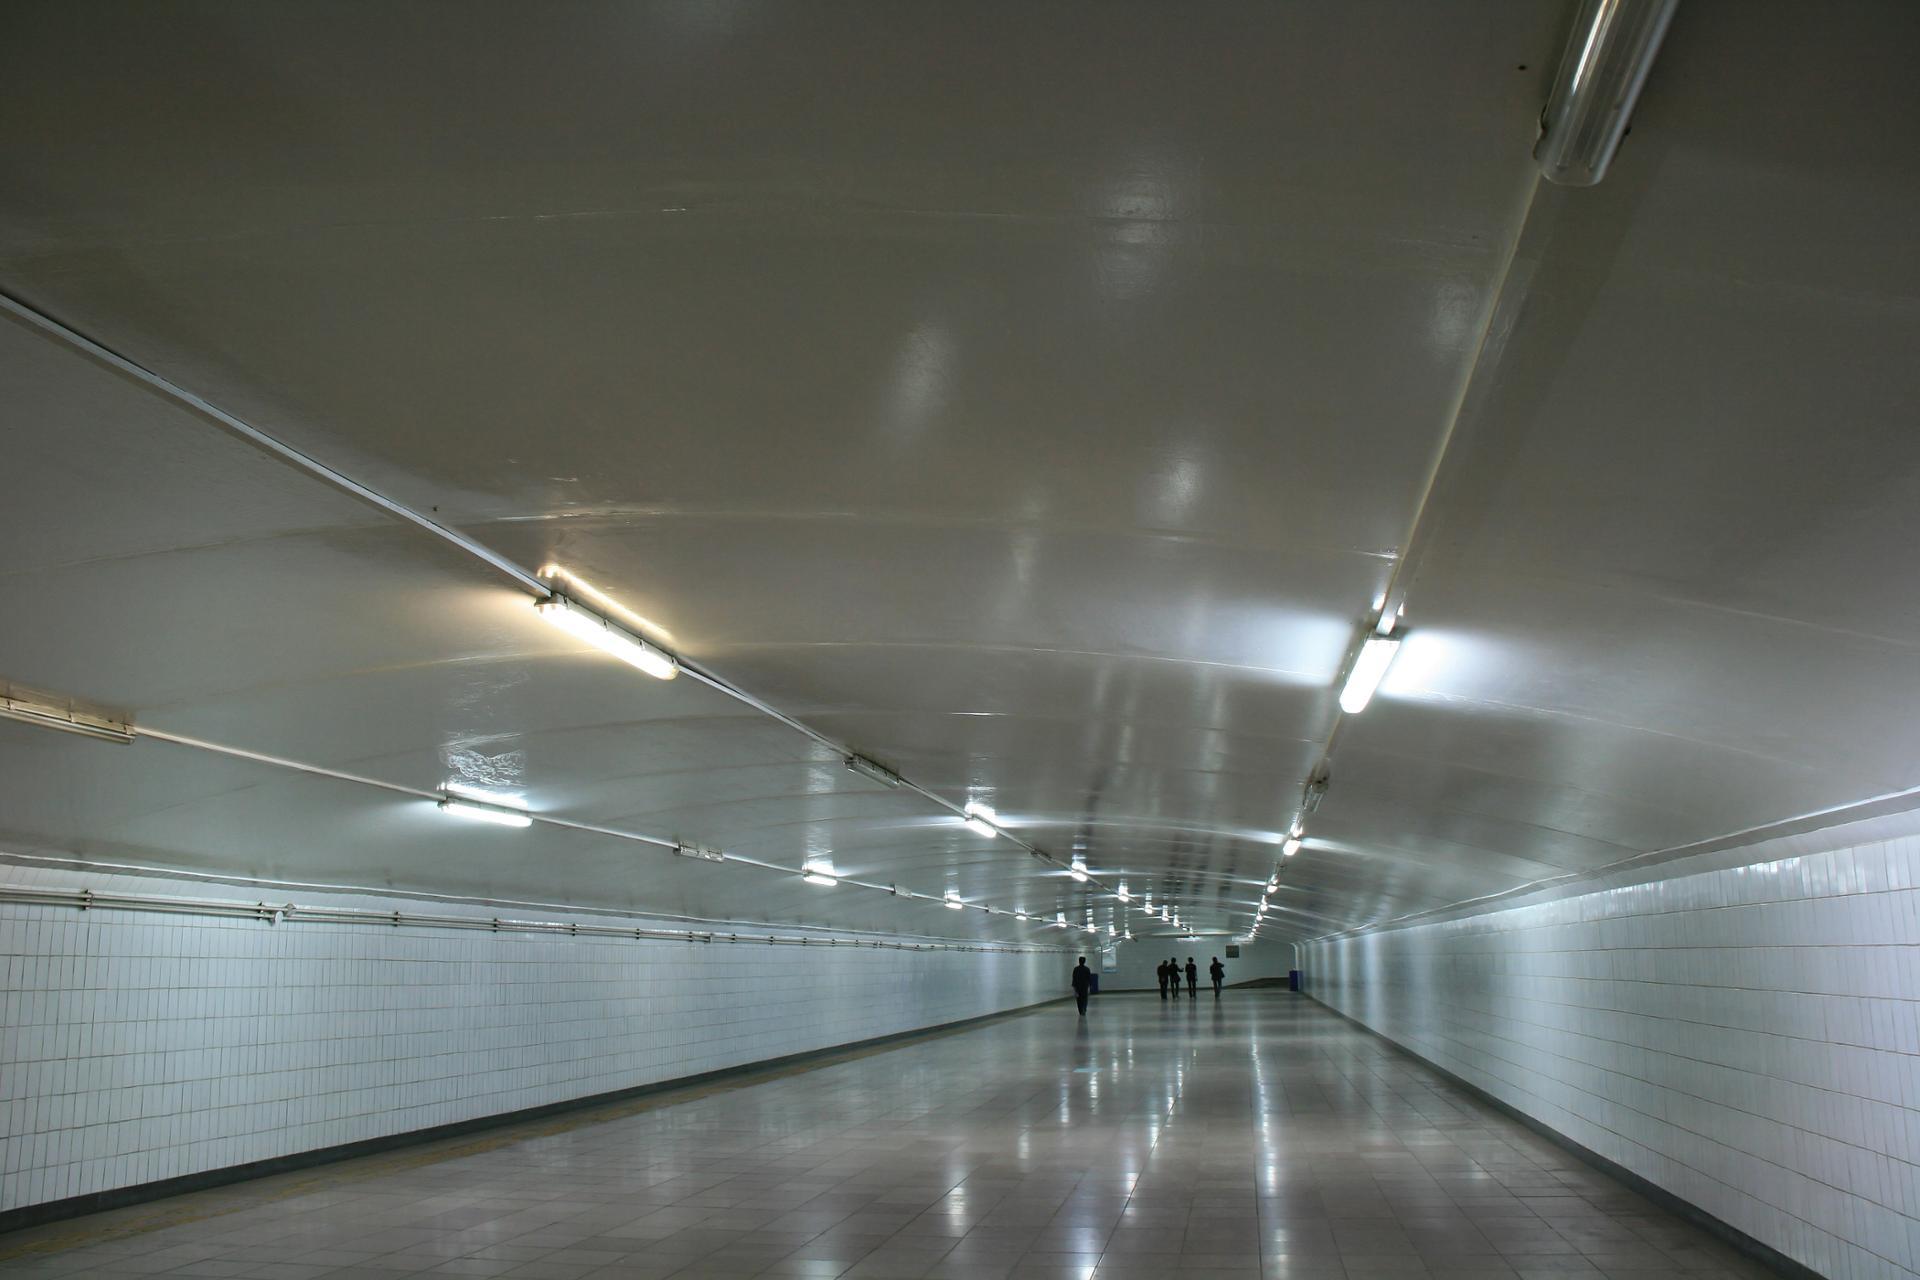 Passage souterrain - Place de la Porte de la Paix céleste (Pékin - Chine)